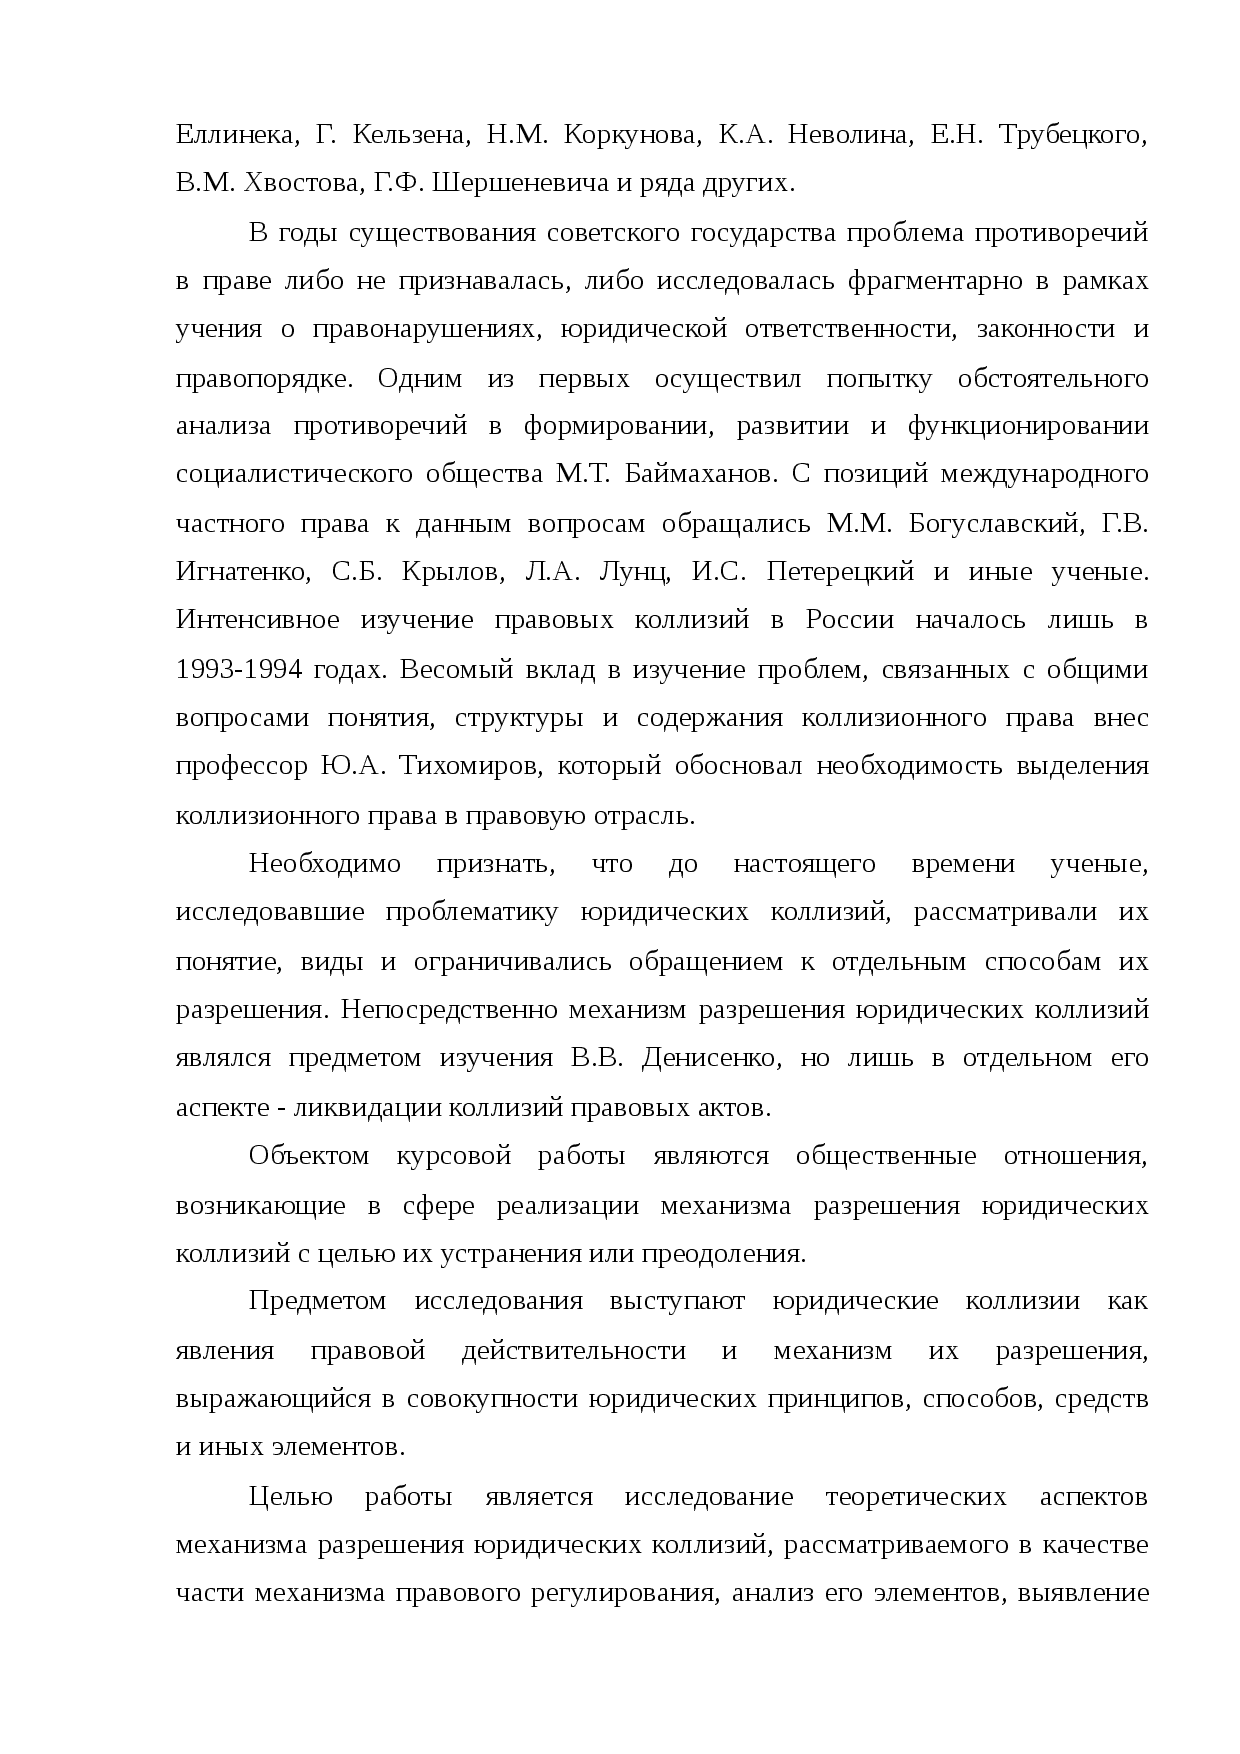 Юридические коллизии. коллизия - это... понятие и виды коллизий :: syl.ru